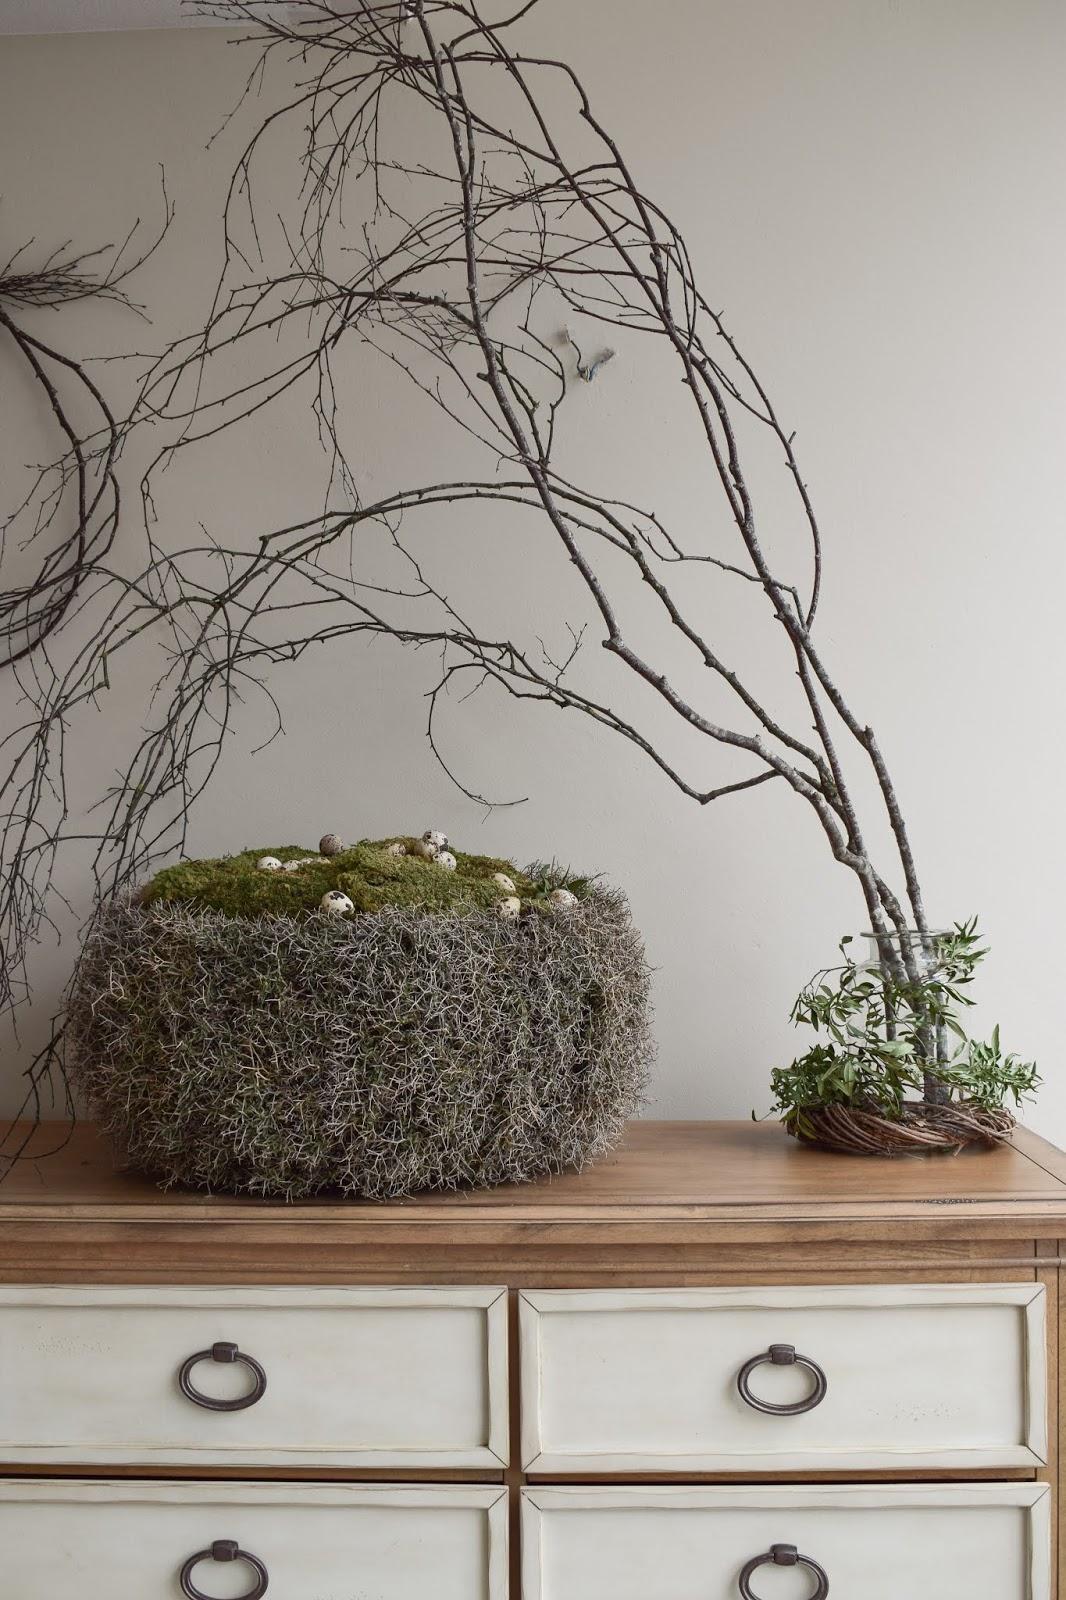 Deko mit Natur Birkenzweige Birke Dekoidee dekorieren Osterdeko Moos Wachteleier Kranz aus Eisenbusch